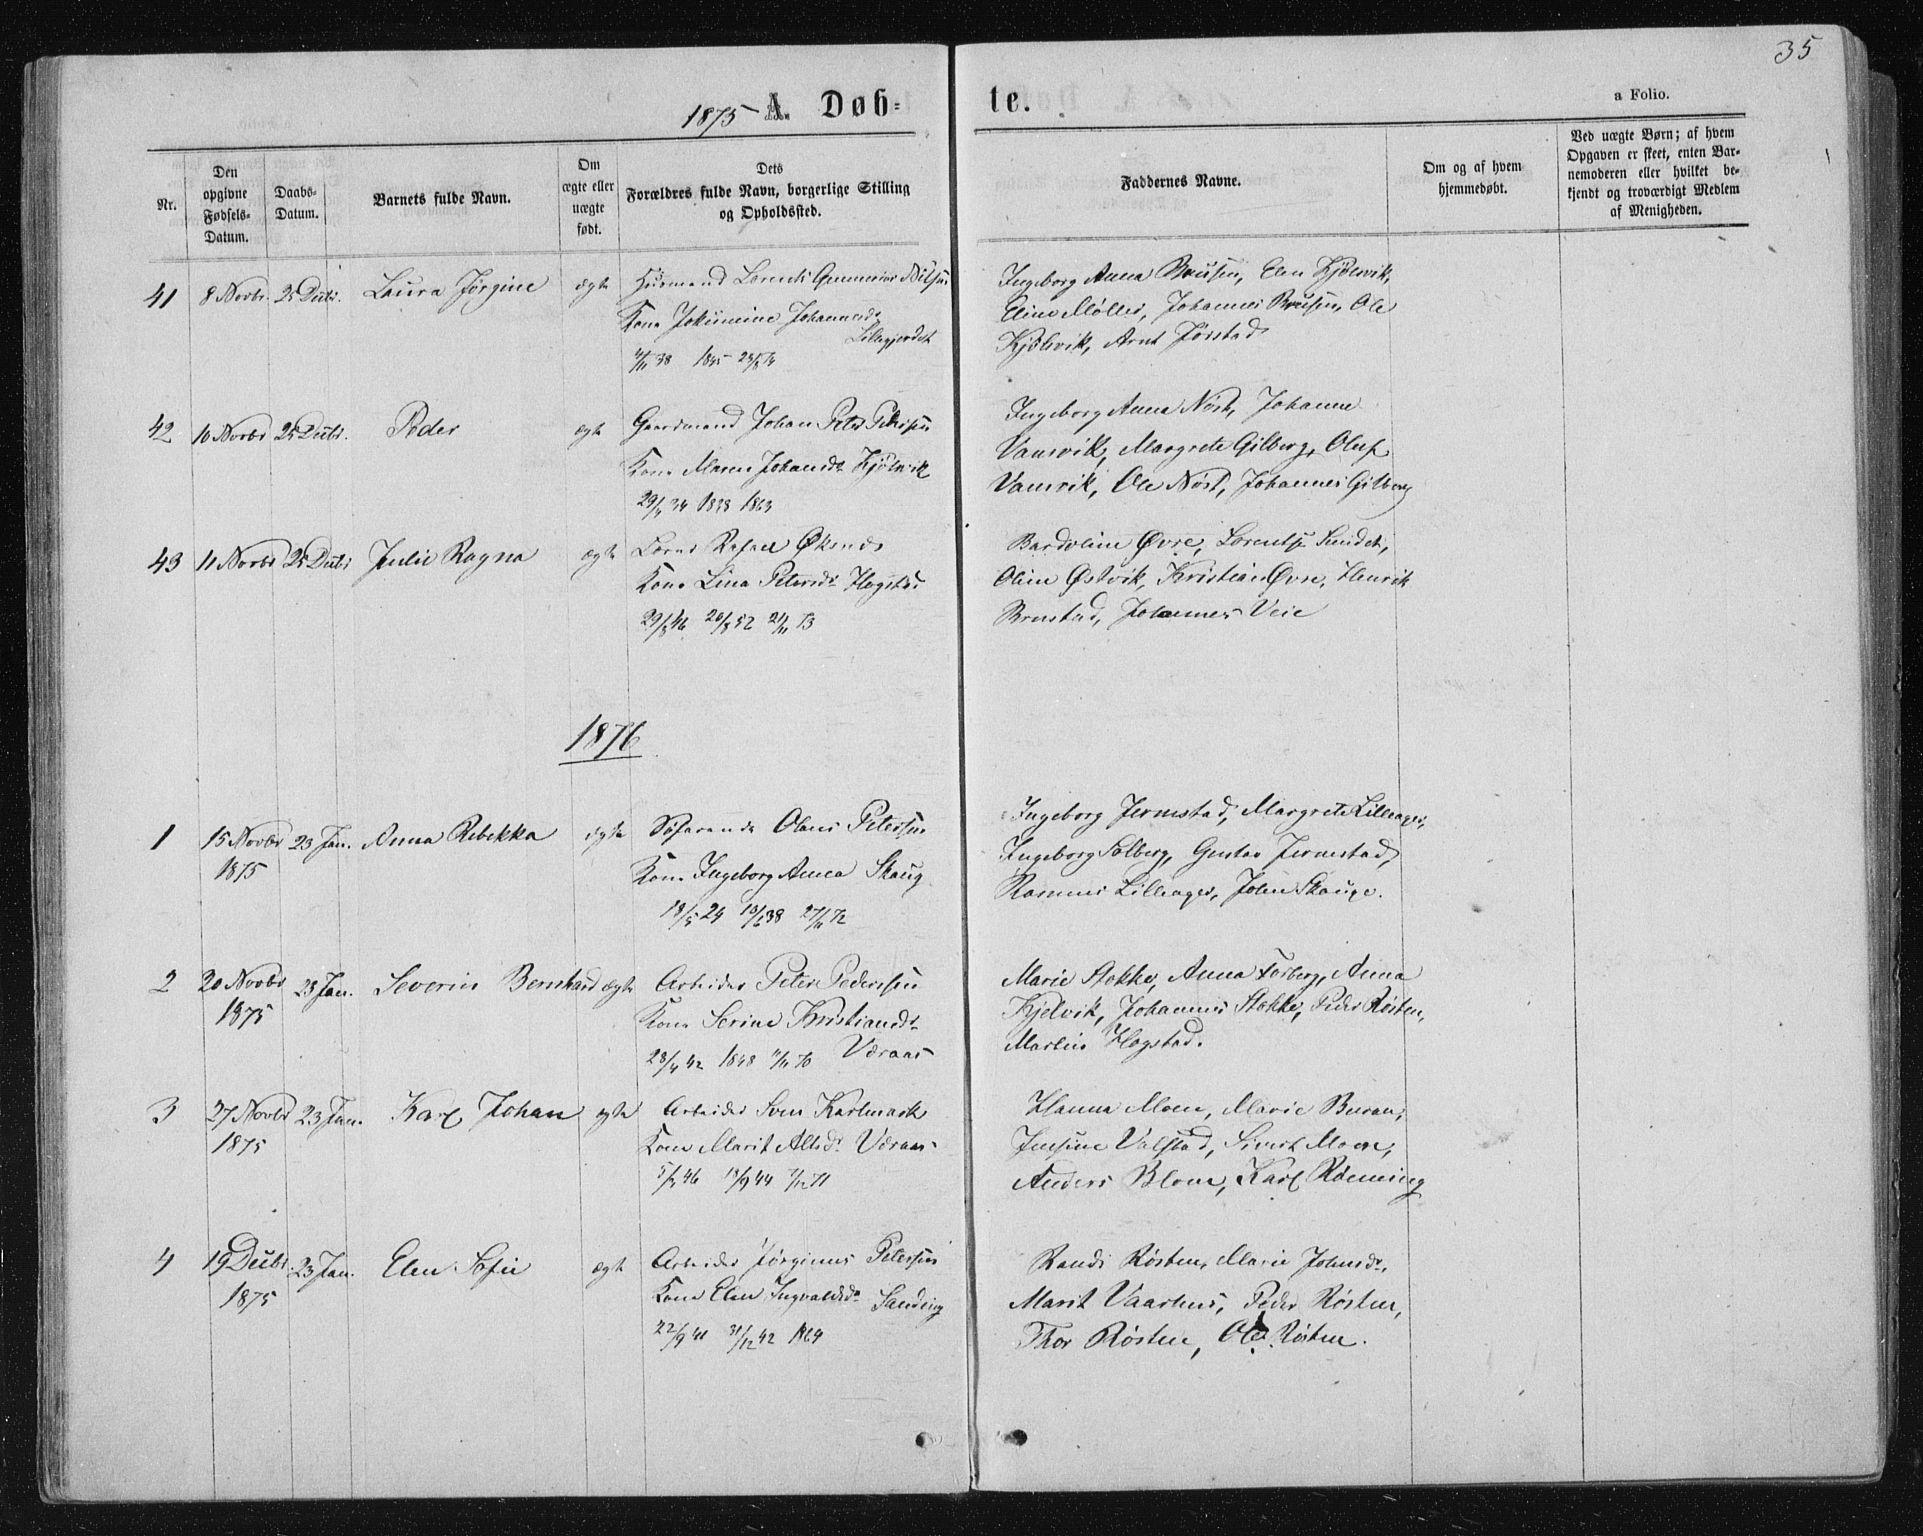 SAT, Ministerialprotokoller, klokkerbøker og fødselsregistre - Nord-Trøndelag, 722/L0219: Ministerialbok nr. 722A06, 1868-1880, s. 35